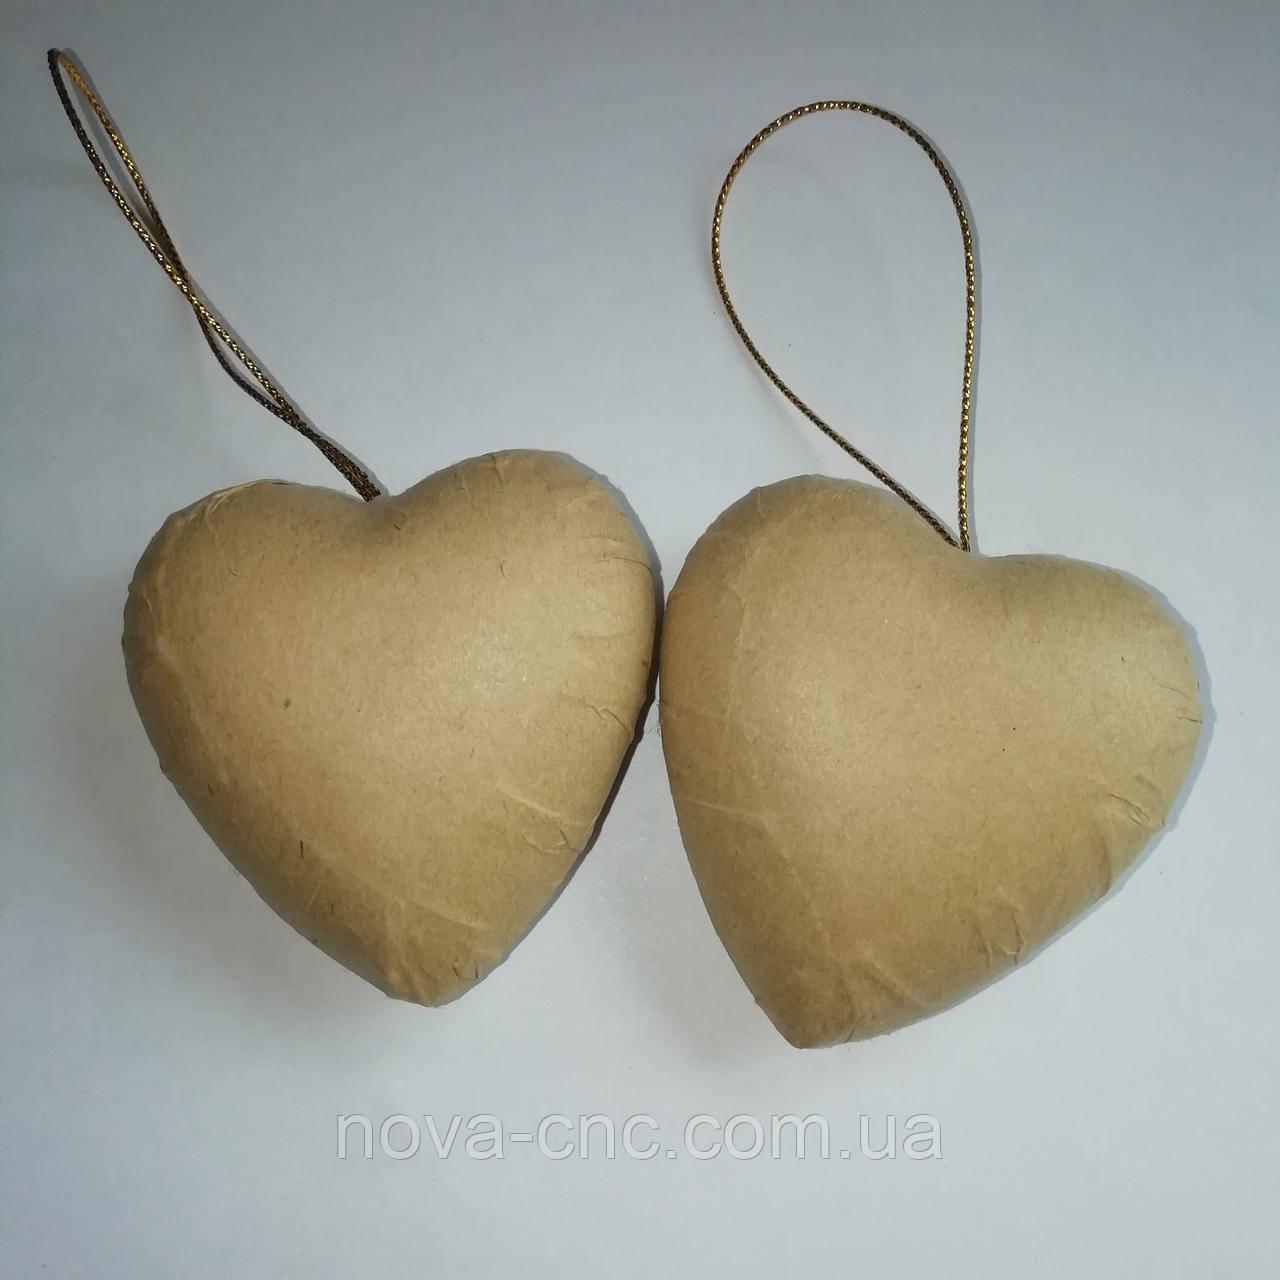 Картонное сердечко  для декора, декупажа 60 х 70 мм